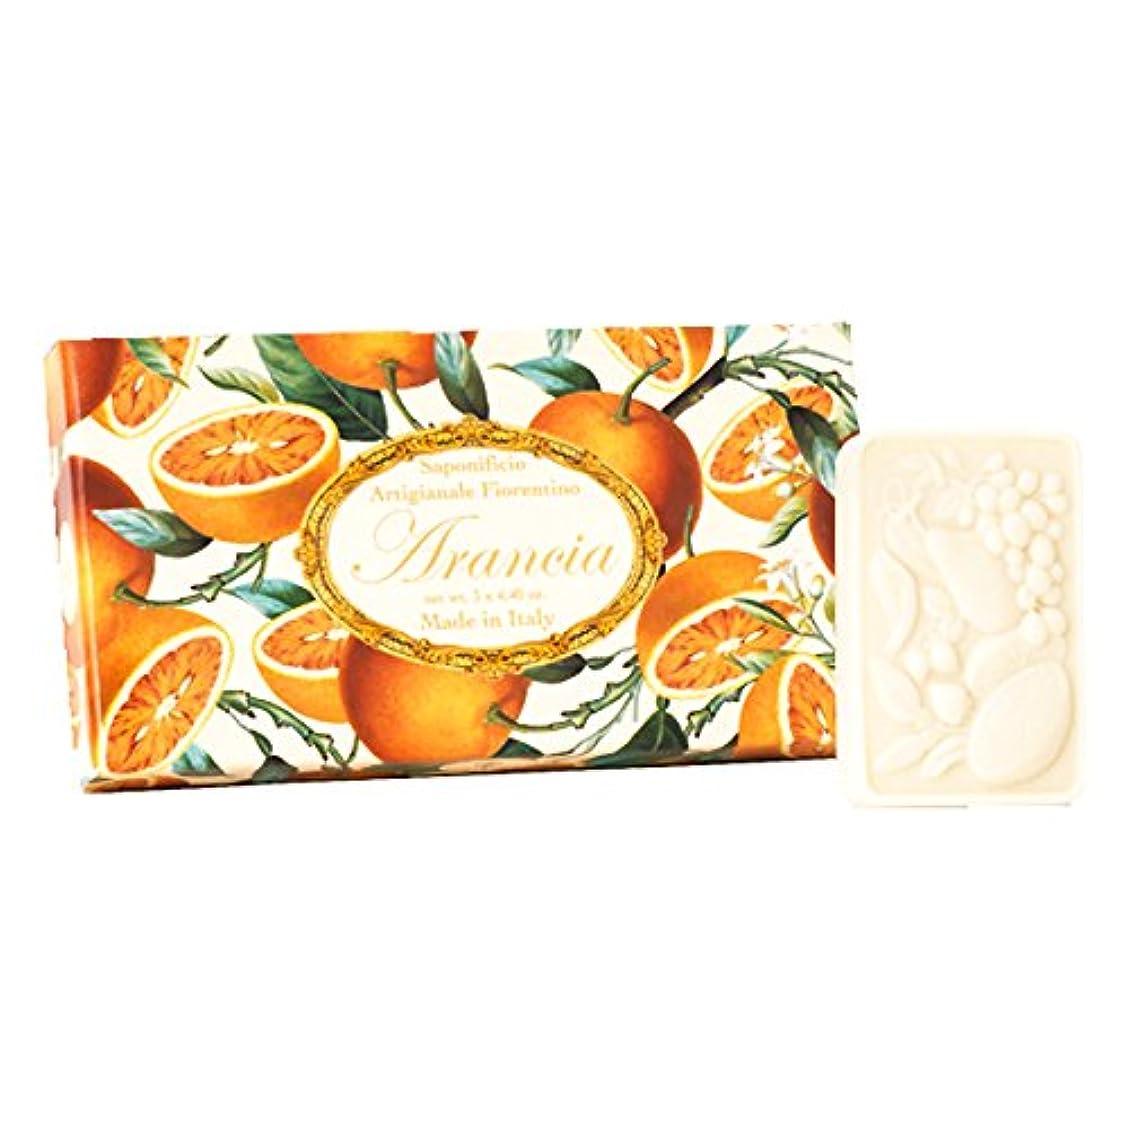 元気なガウン装備するフィレンツェの 長い歴史から生まれたこだわり石鹸 オレンジ【刻印125g×3個セット】